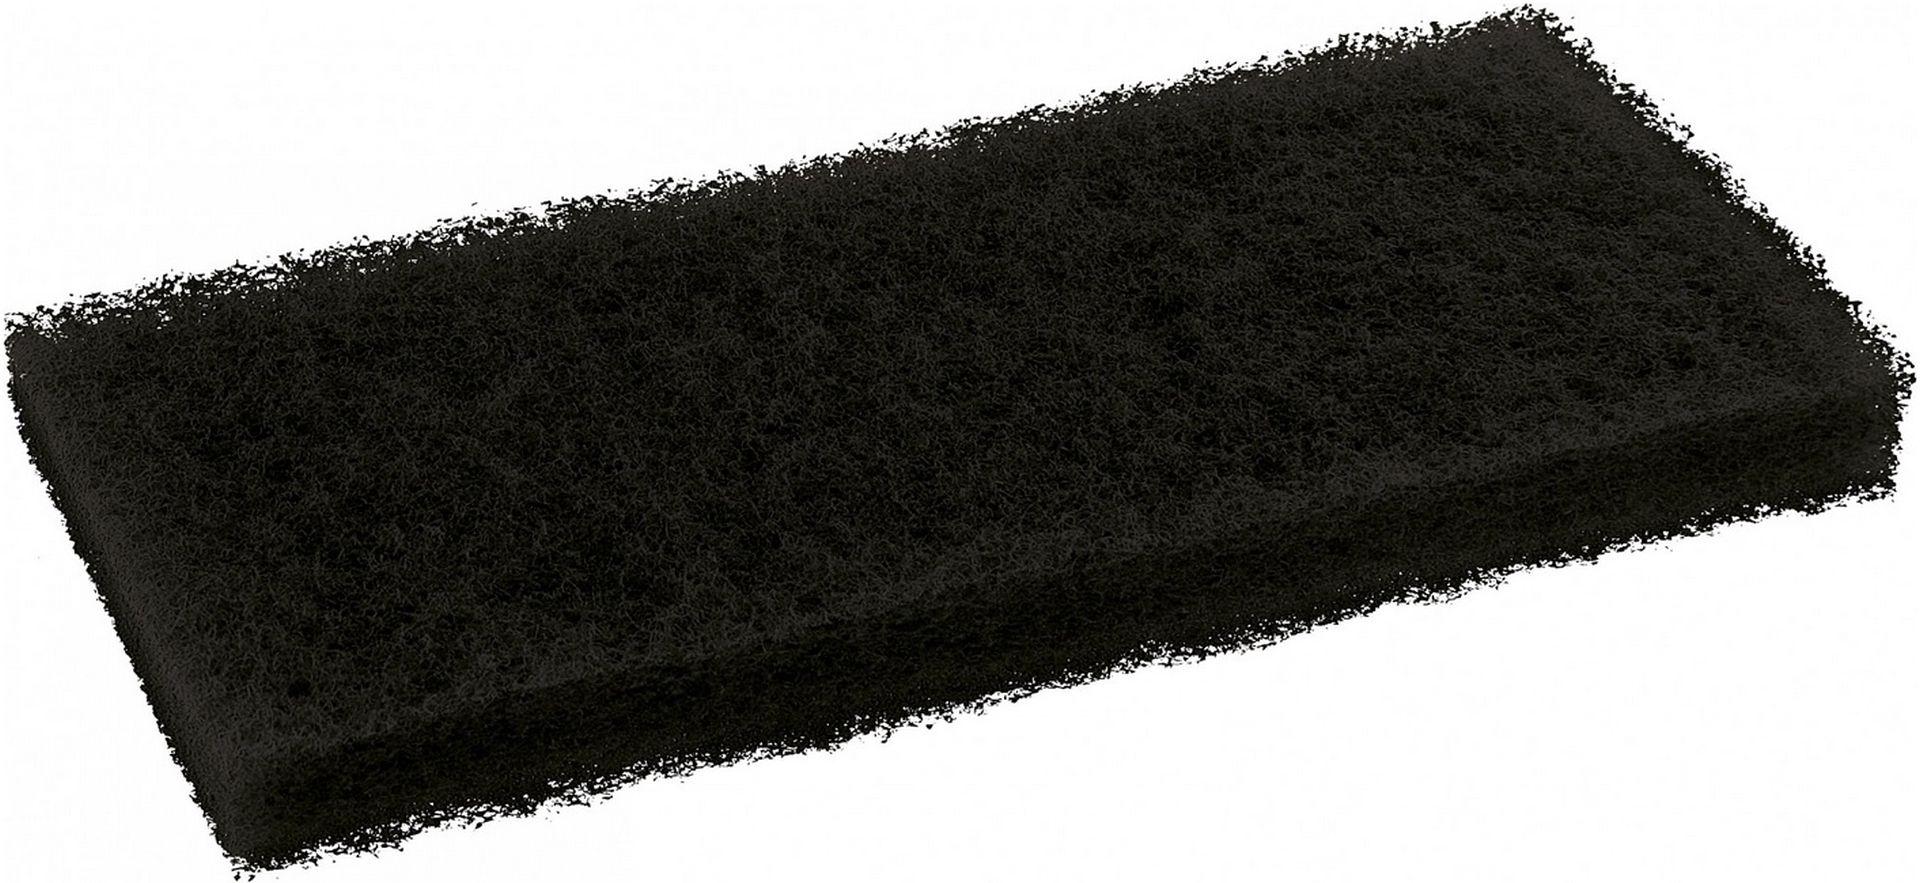 TRIUSO Schleifbelag, grob, schwarz,  140 x 240 mm